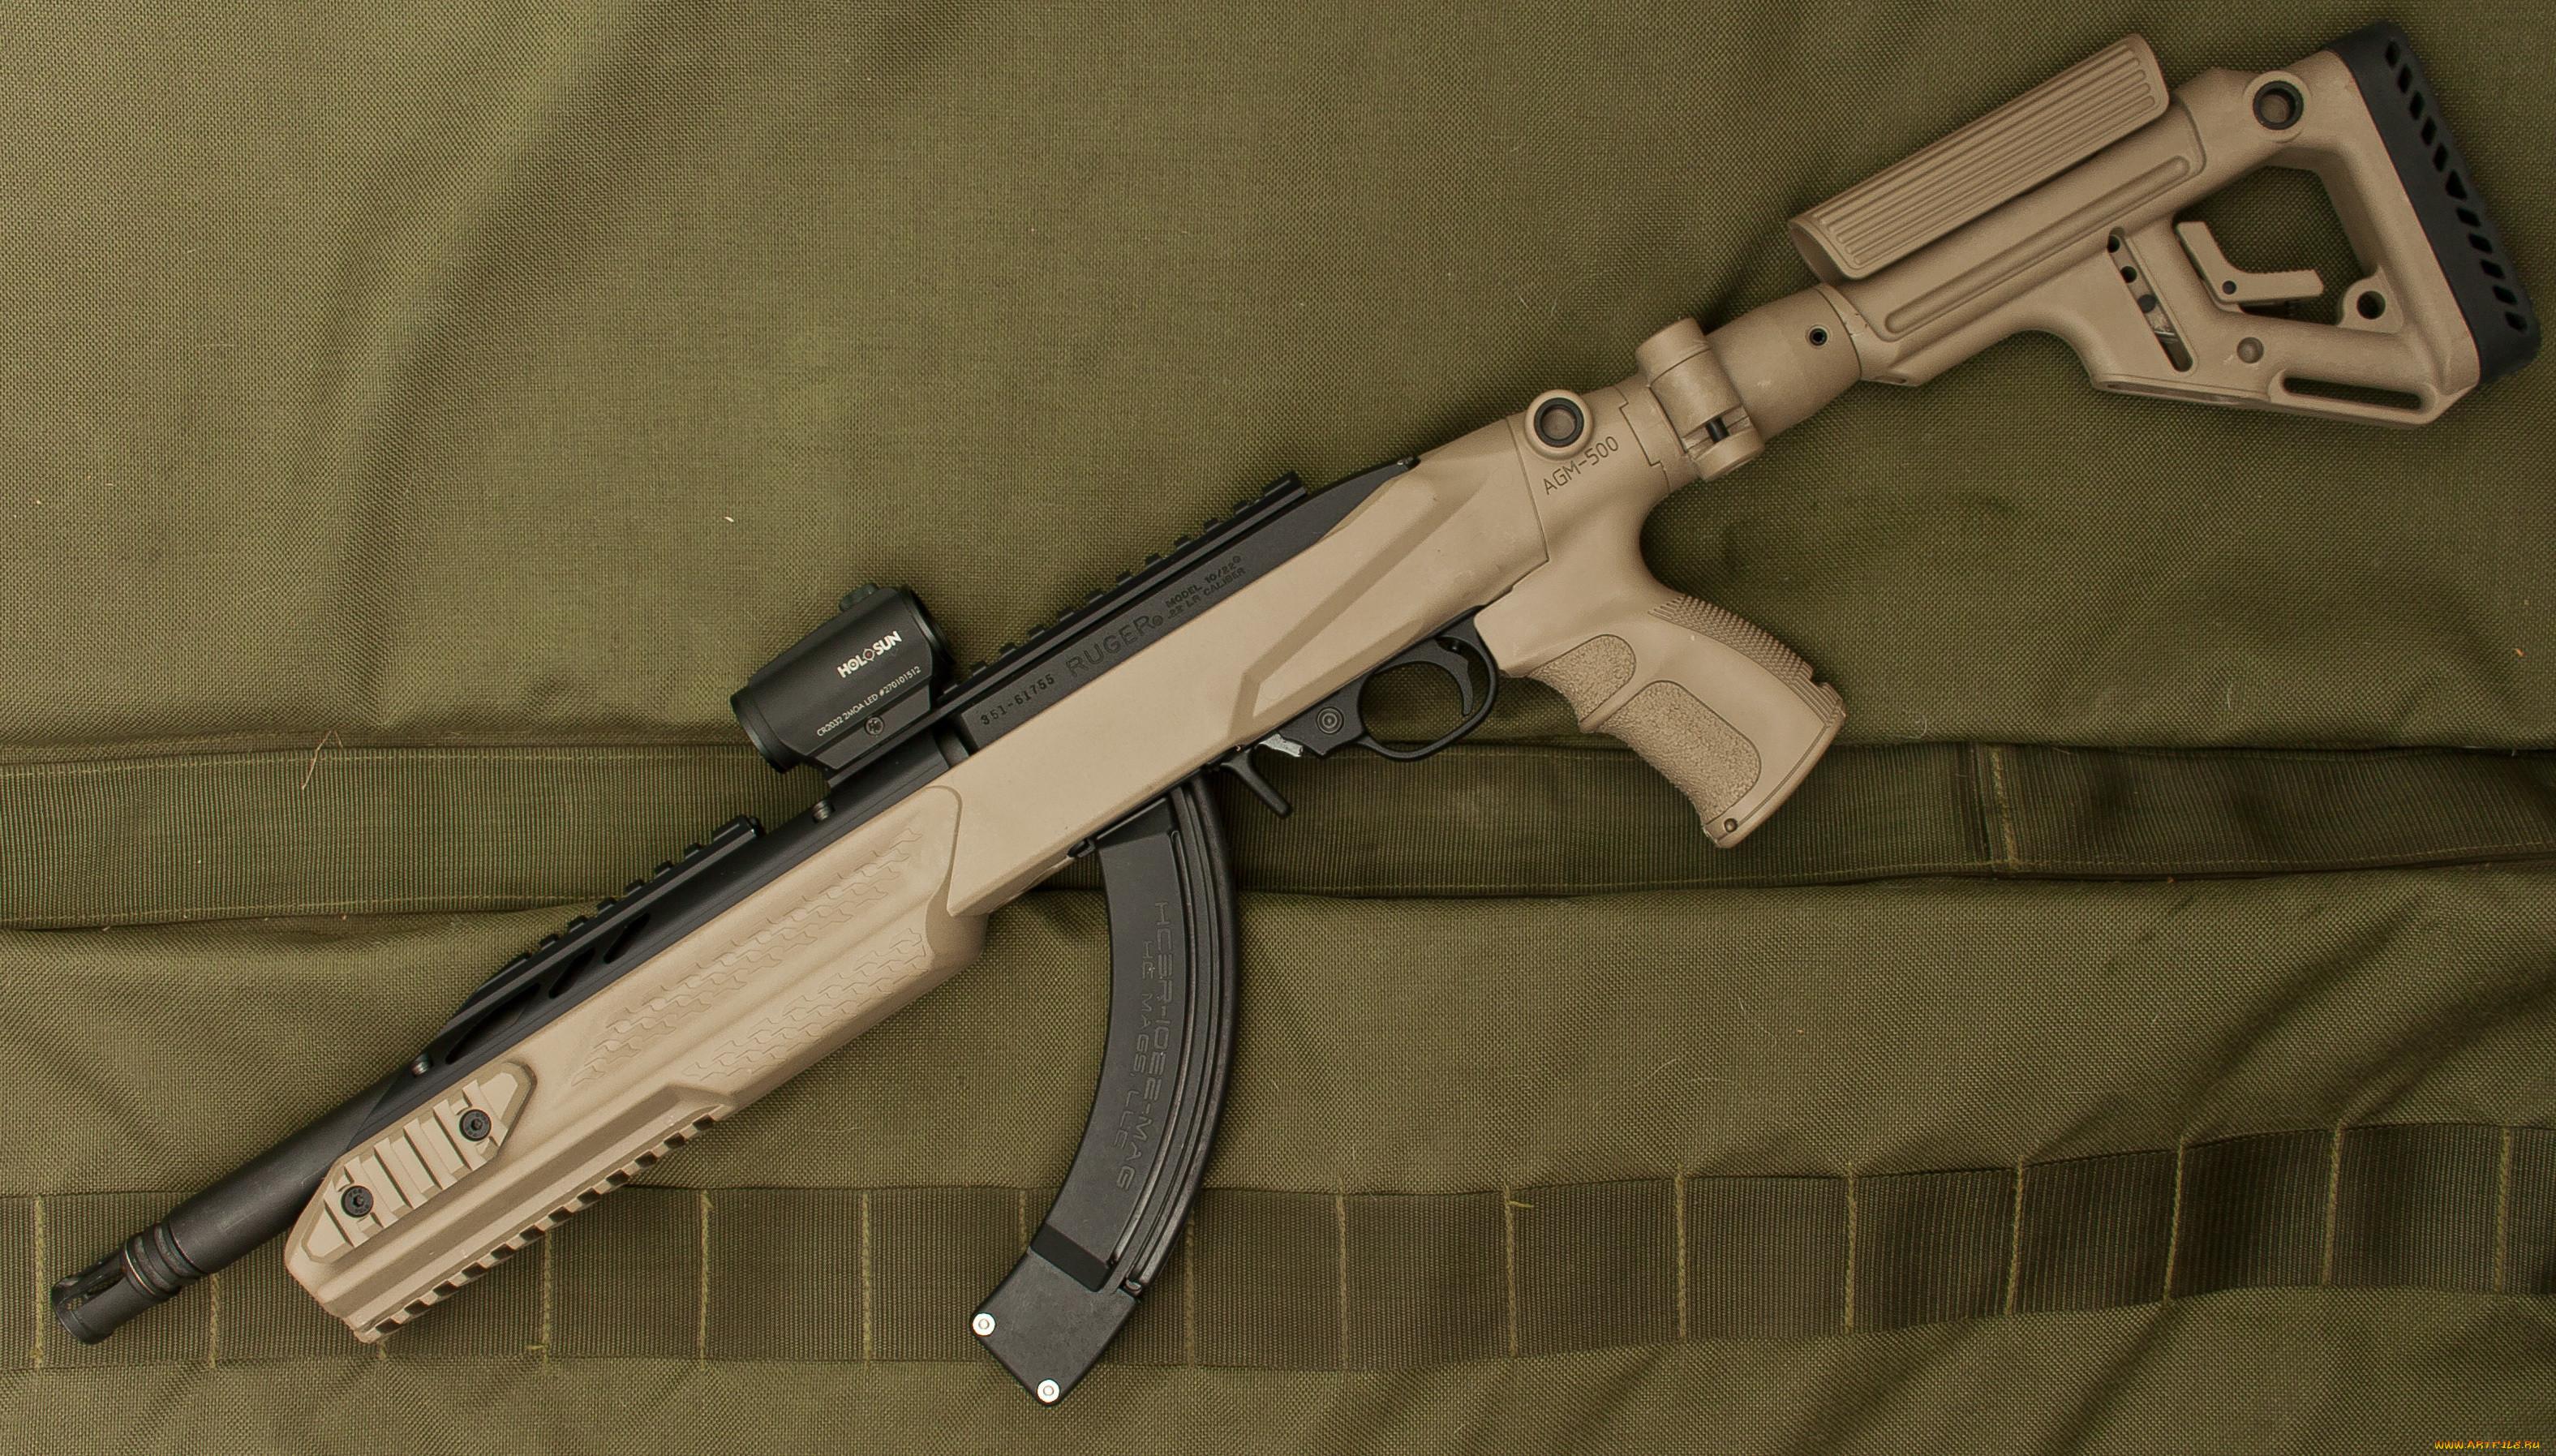 оружие, снайперская винтовка, ruger, 10-22, винтовка, полуавтоматическая